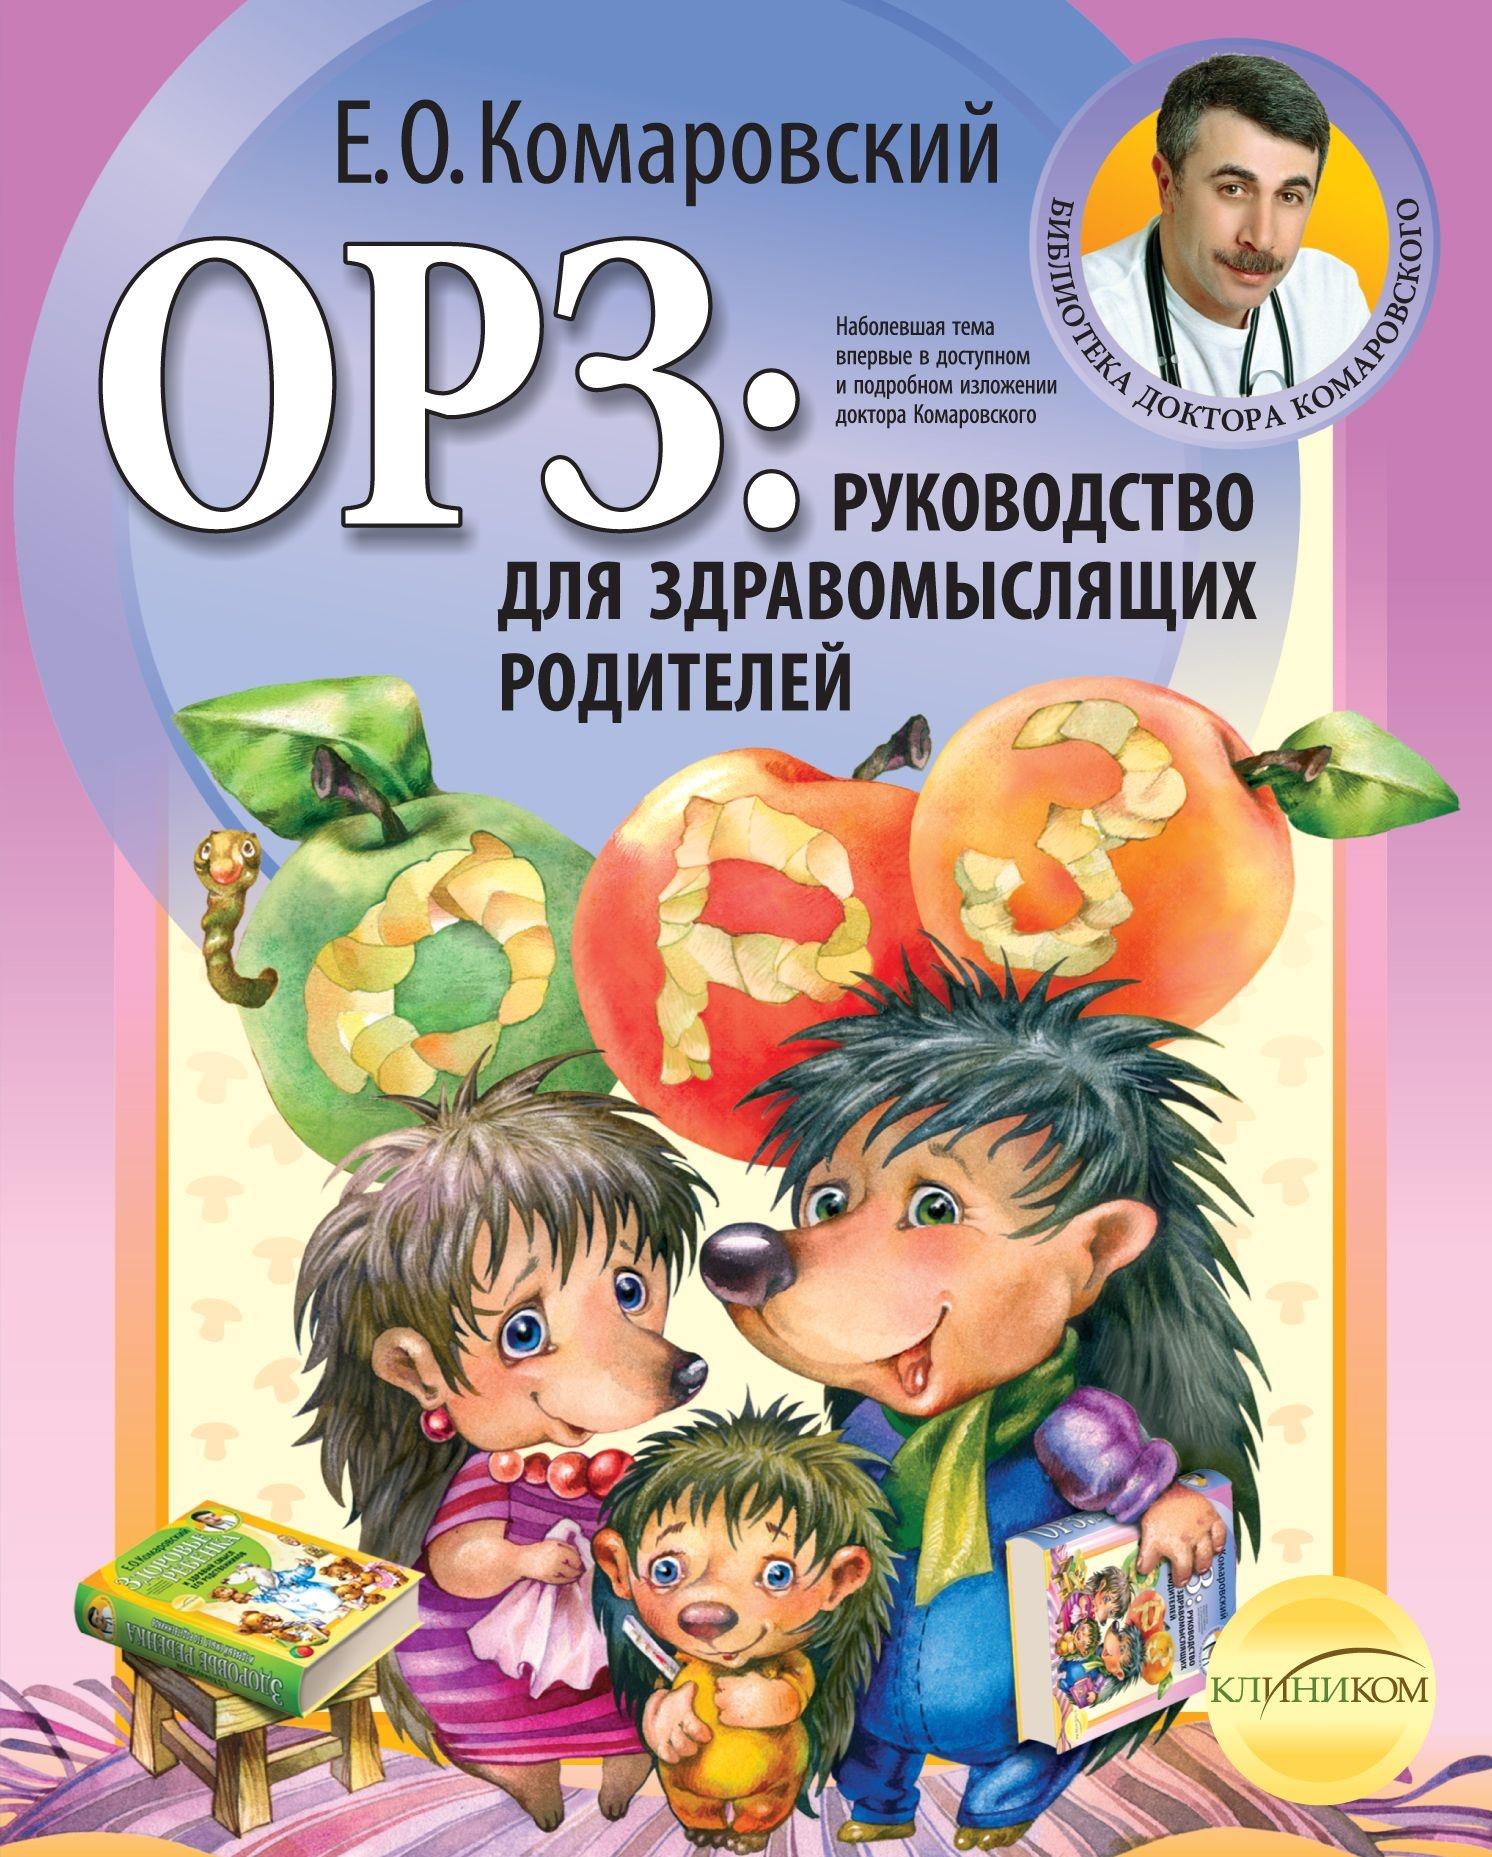 Купить ОРЗ: Руководство для здравомыслящих родителей, Евгений Комаровский, 978-966-2065-19-0